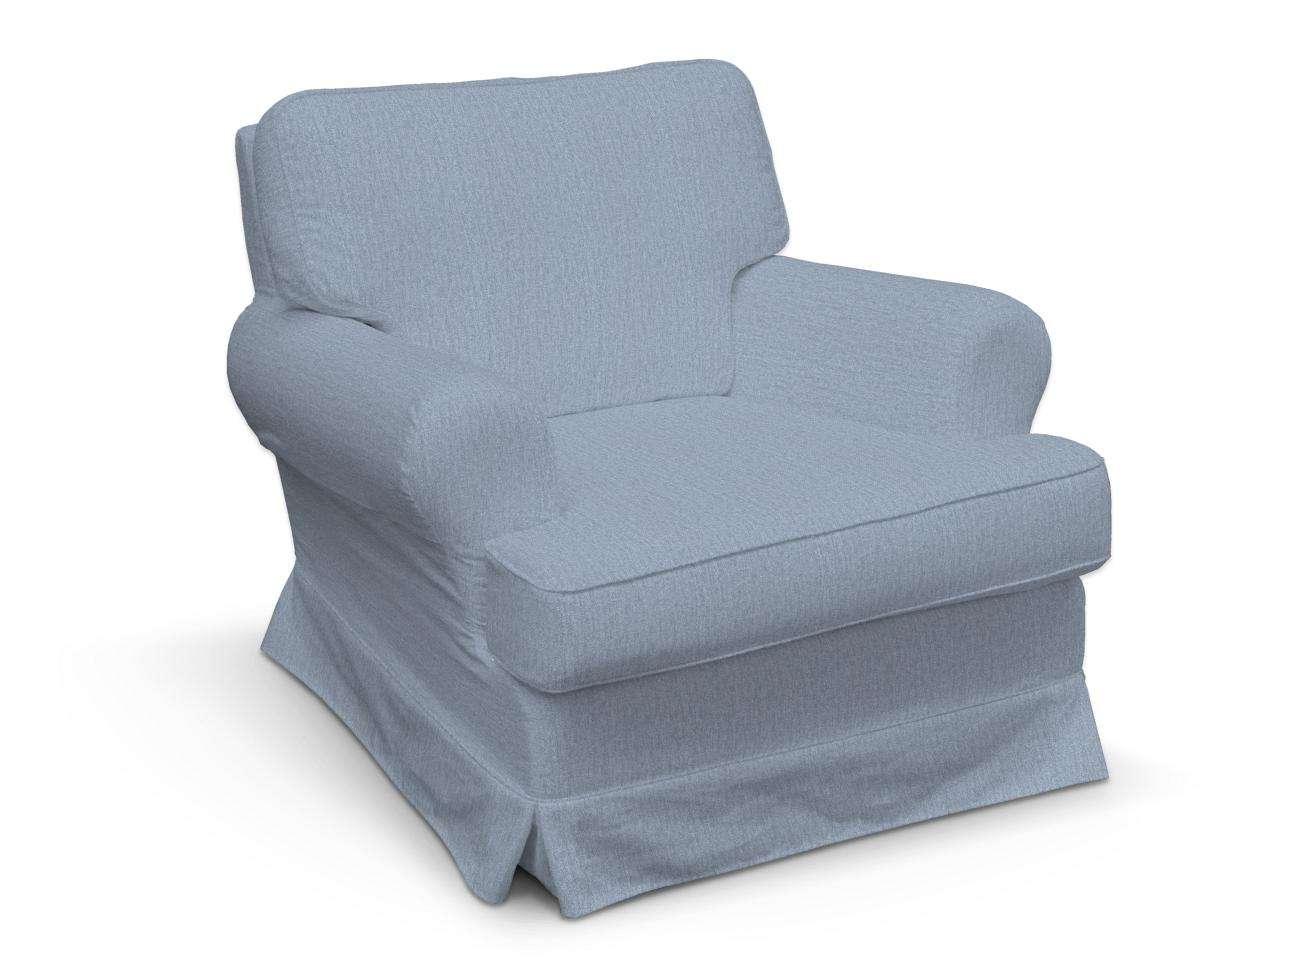 Barkaby fotelio užvalkalas Barkaby fotelio užvalkalas kolekcijoje Chenille, audinys: 702-13